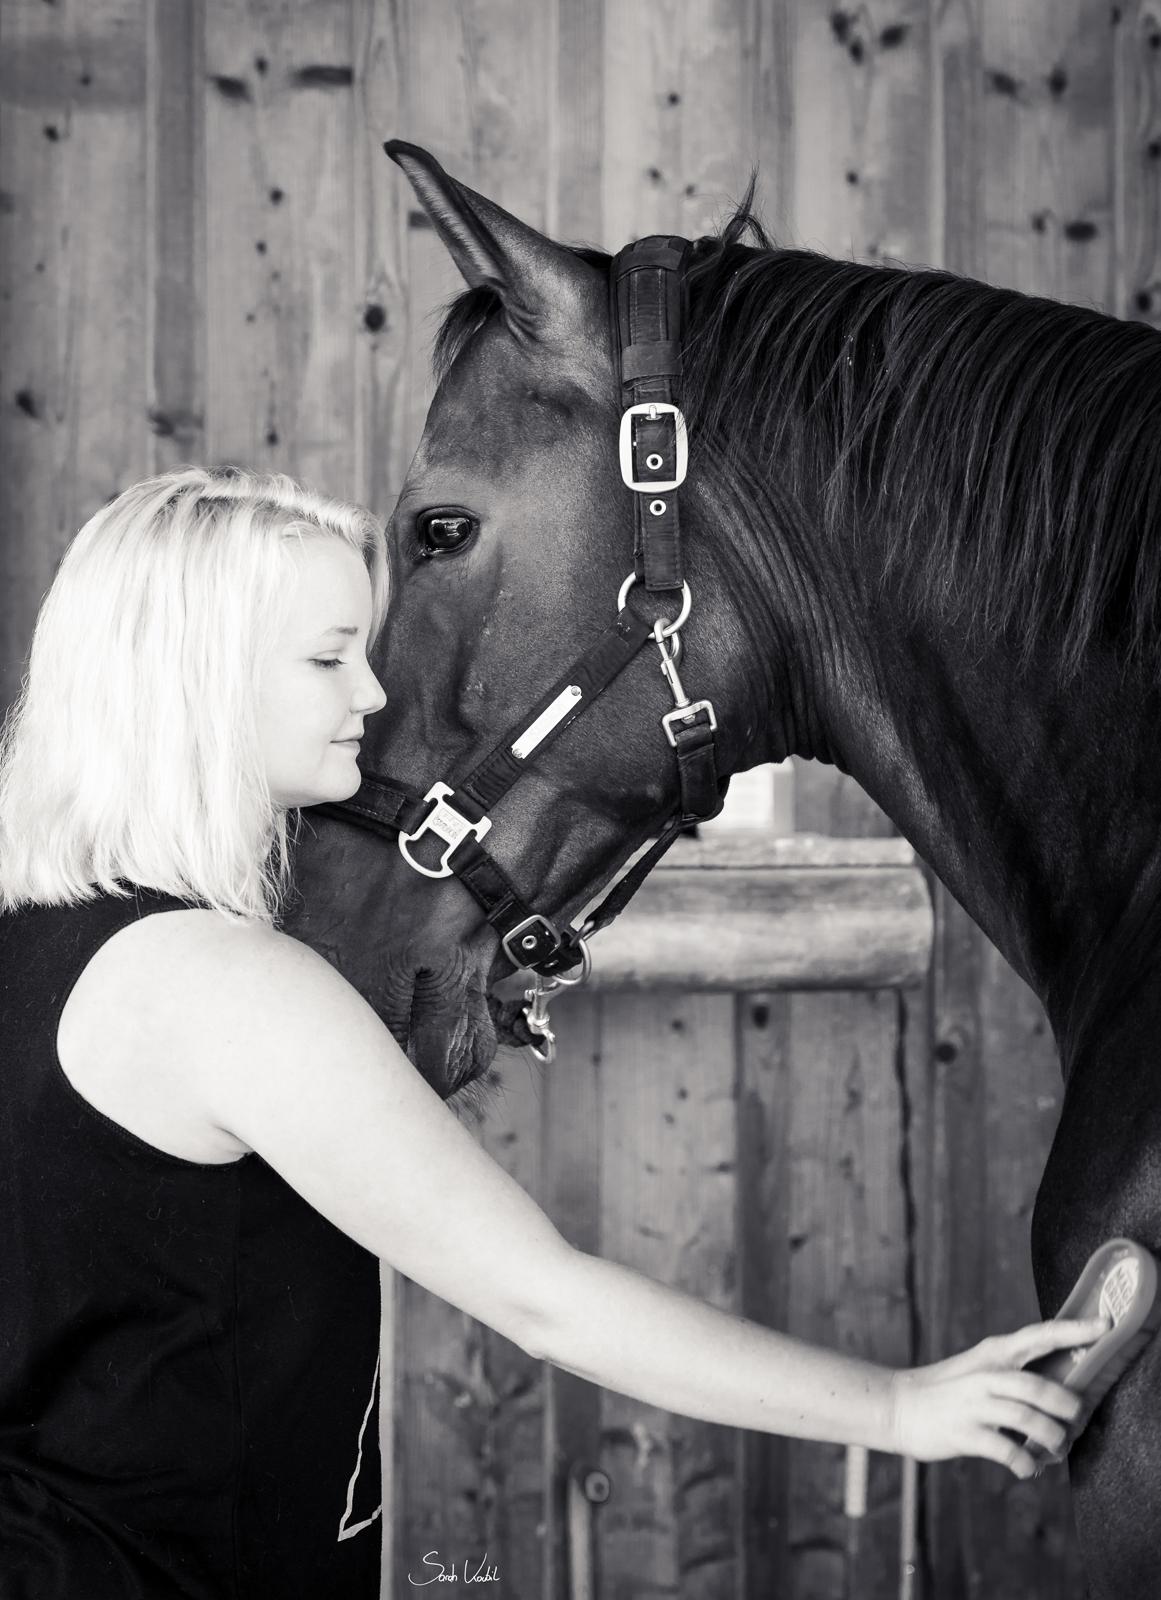 authentische Pferdefotografie | Sarah Koutnik Fotografie | München Krailling Bayern |